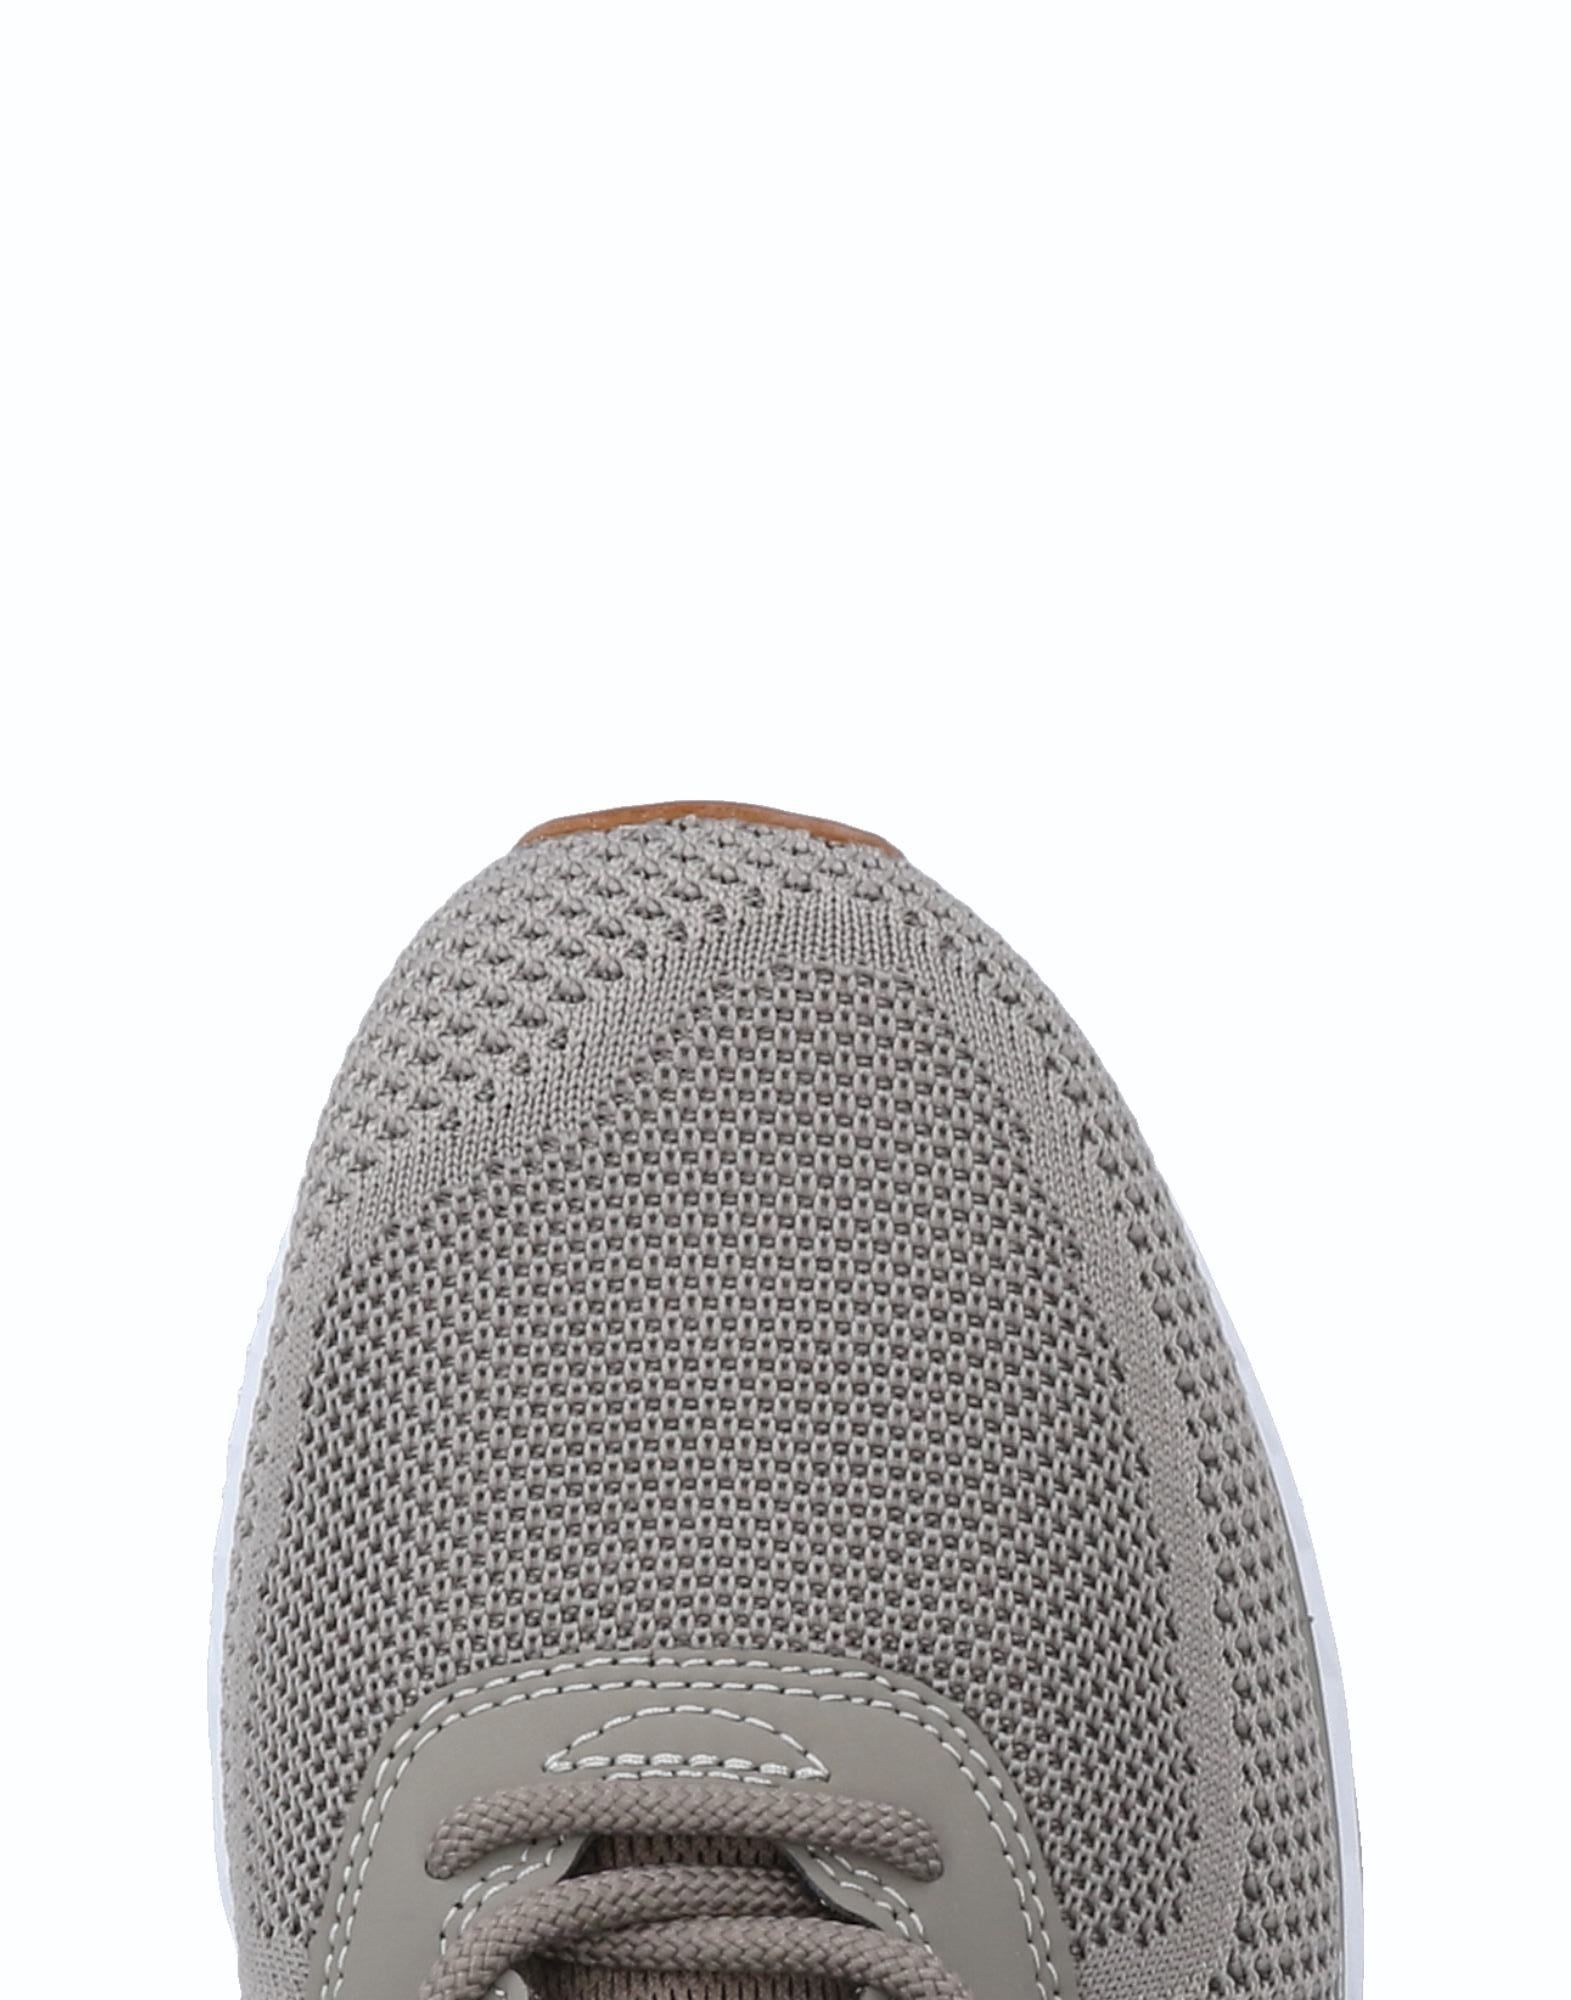 Rabatt echte Sneakers Schuhe New Balance Sneakers echte Herren  11503311WD 82f3d3